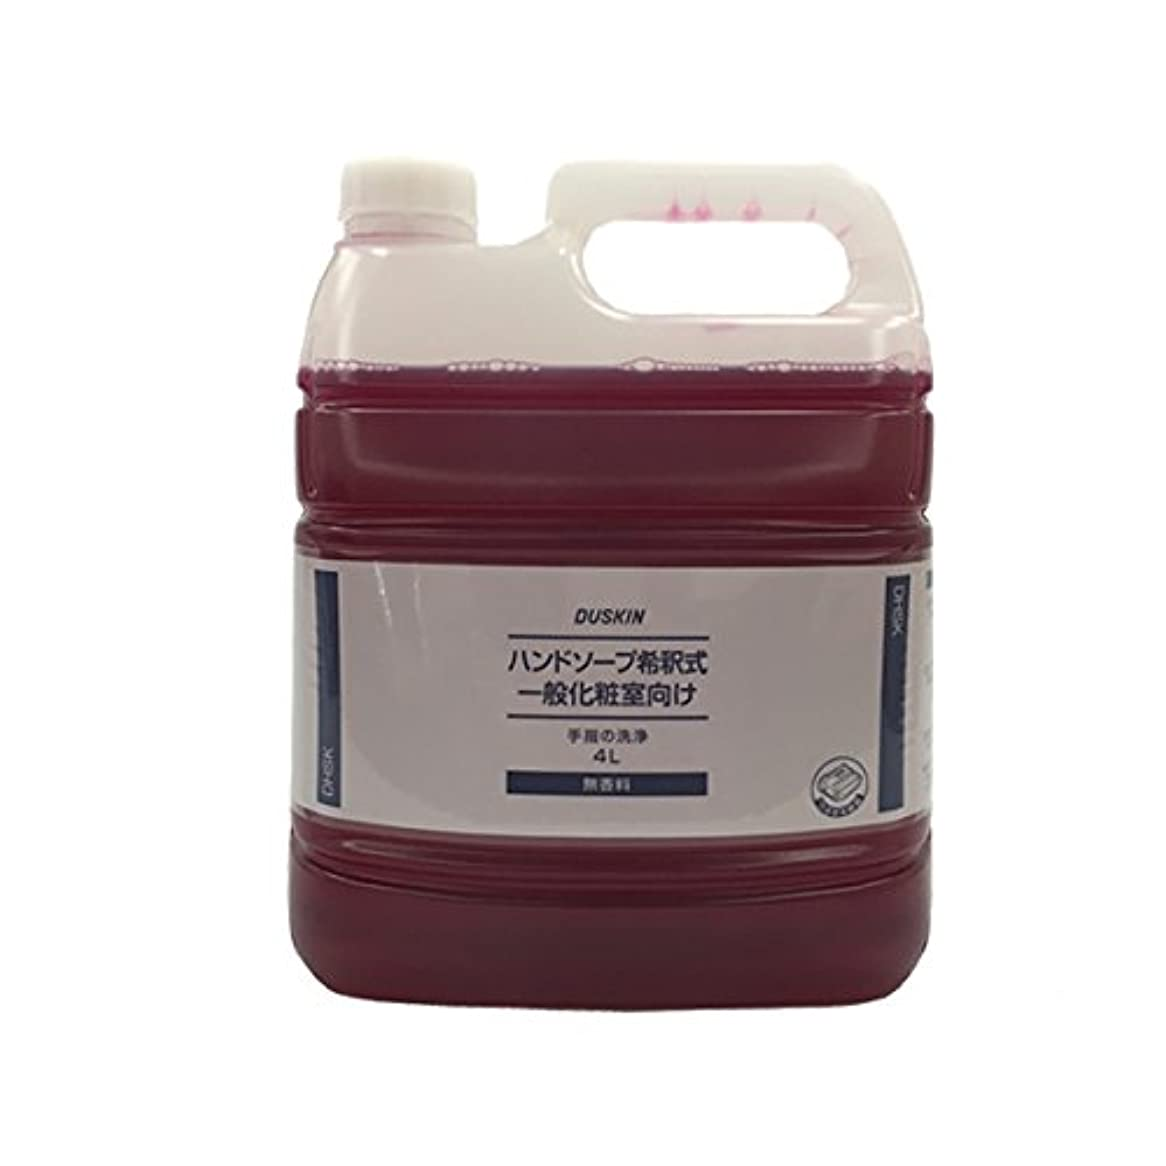 トピック共同選択アルコールダスキン ハンドソープ 希釈式 一般化粧室向け 4L 無香料 プッシュポンプ別売 専用ボトル ハンドスプレー別売